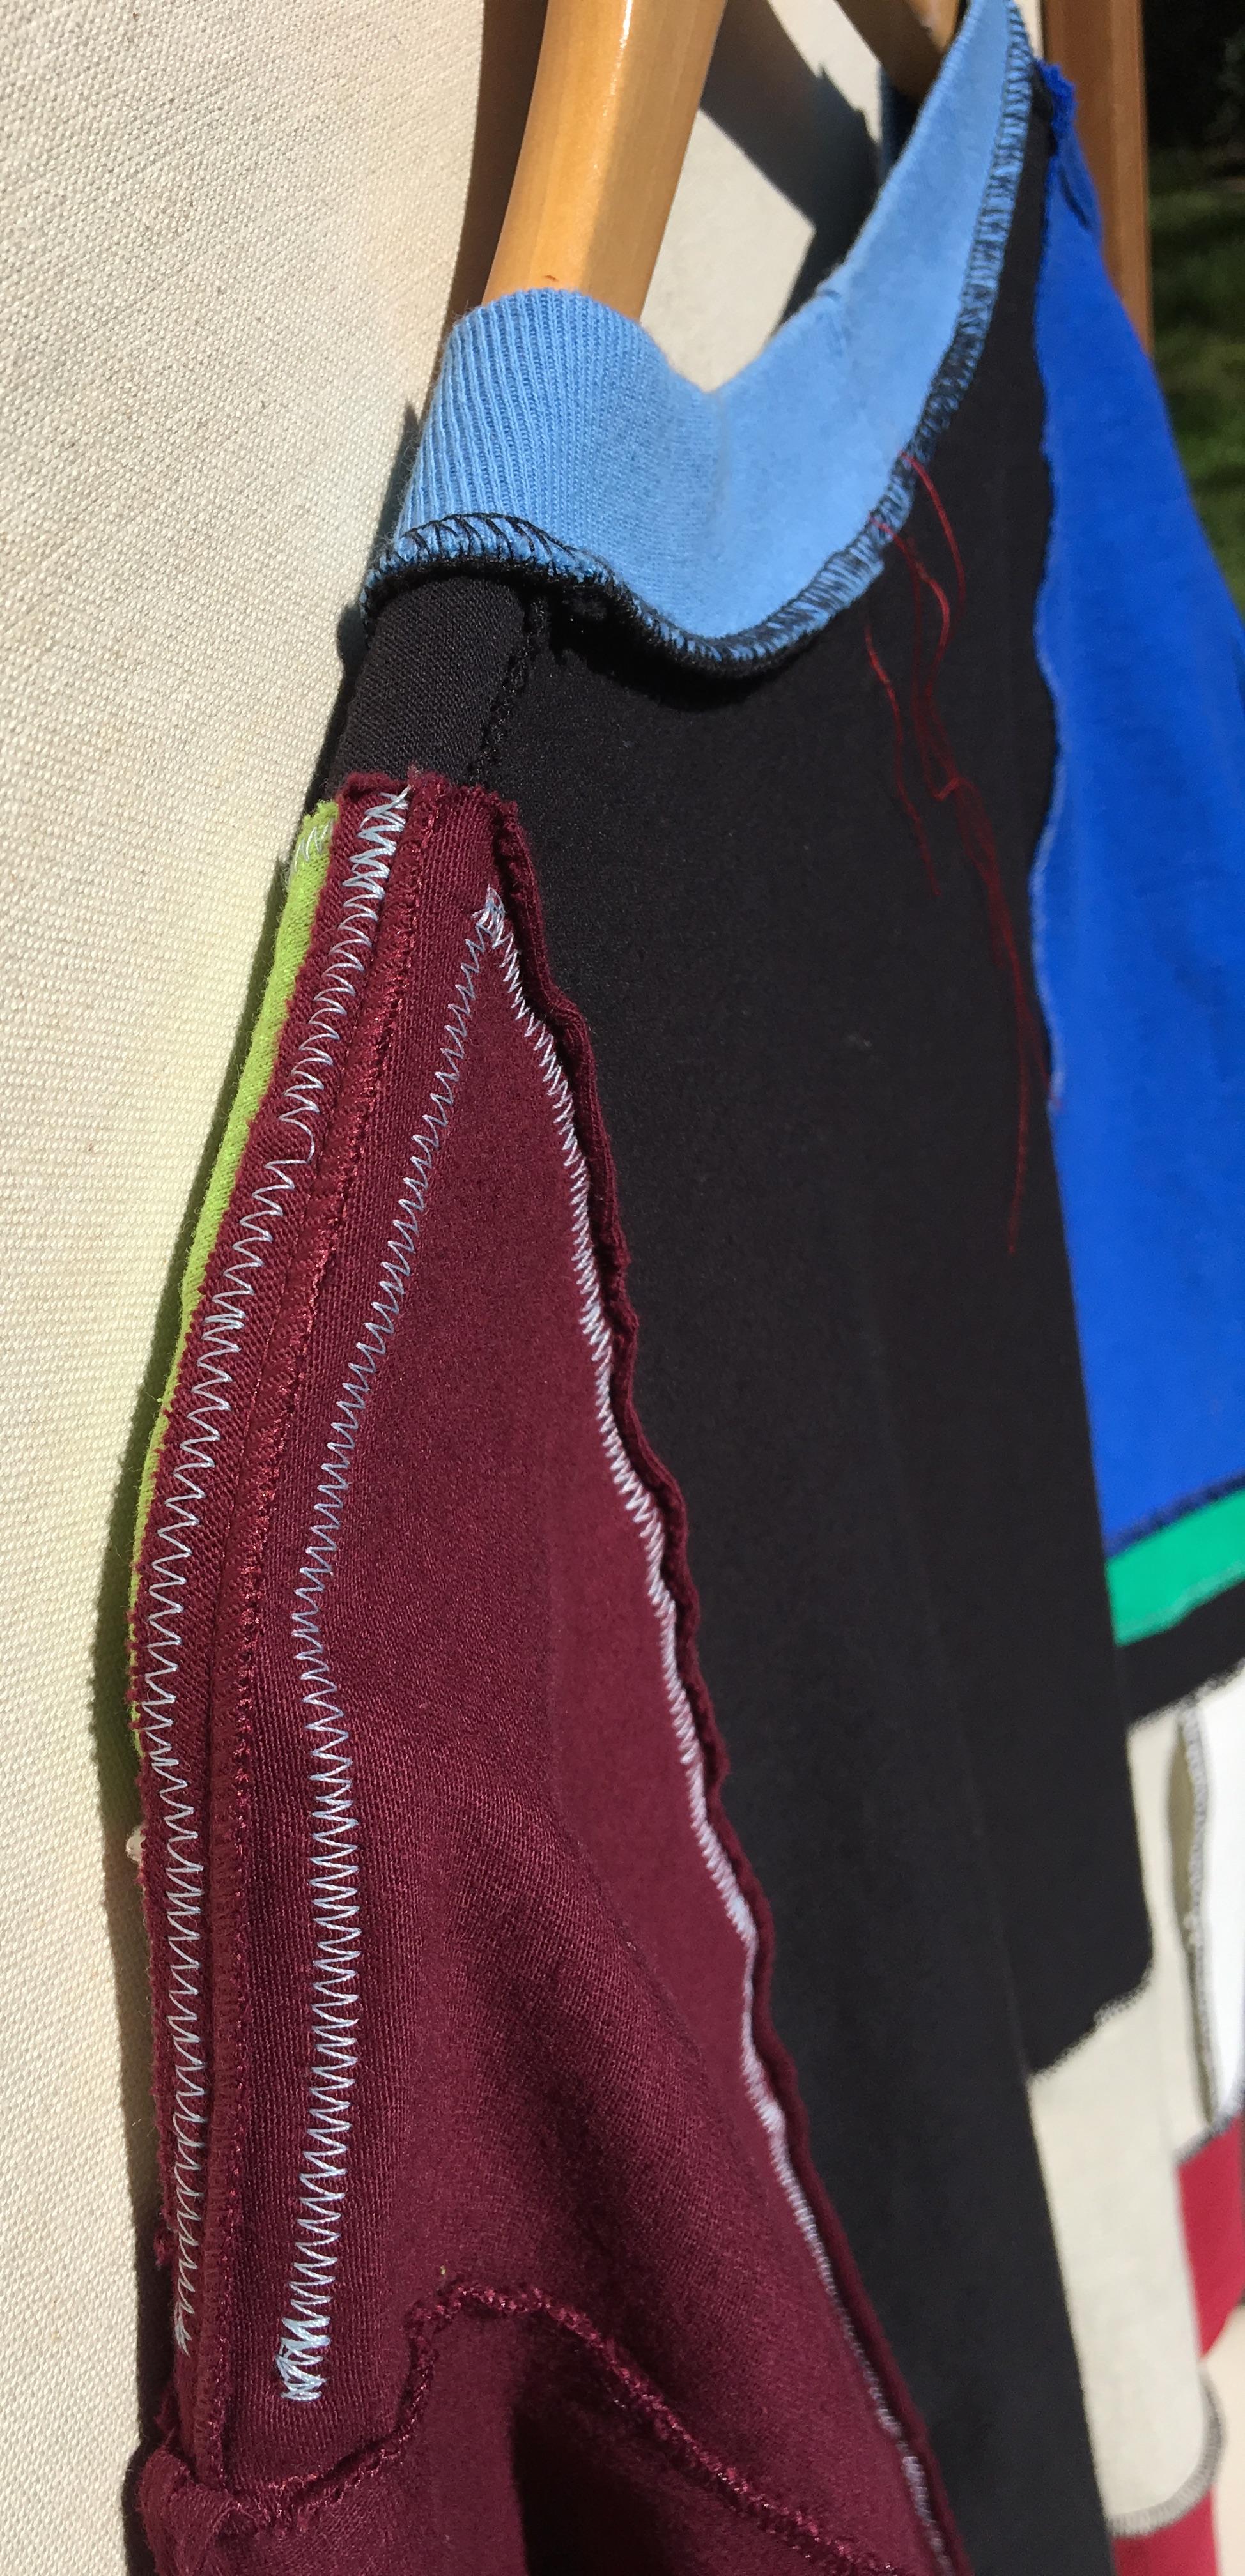 shirt 9_back detail.JPG